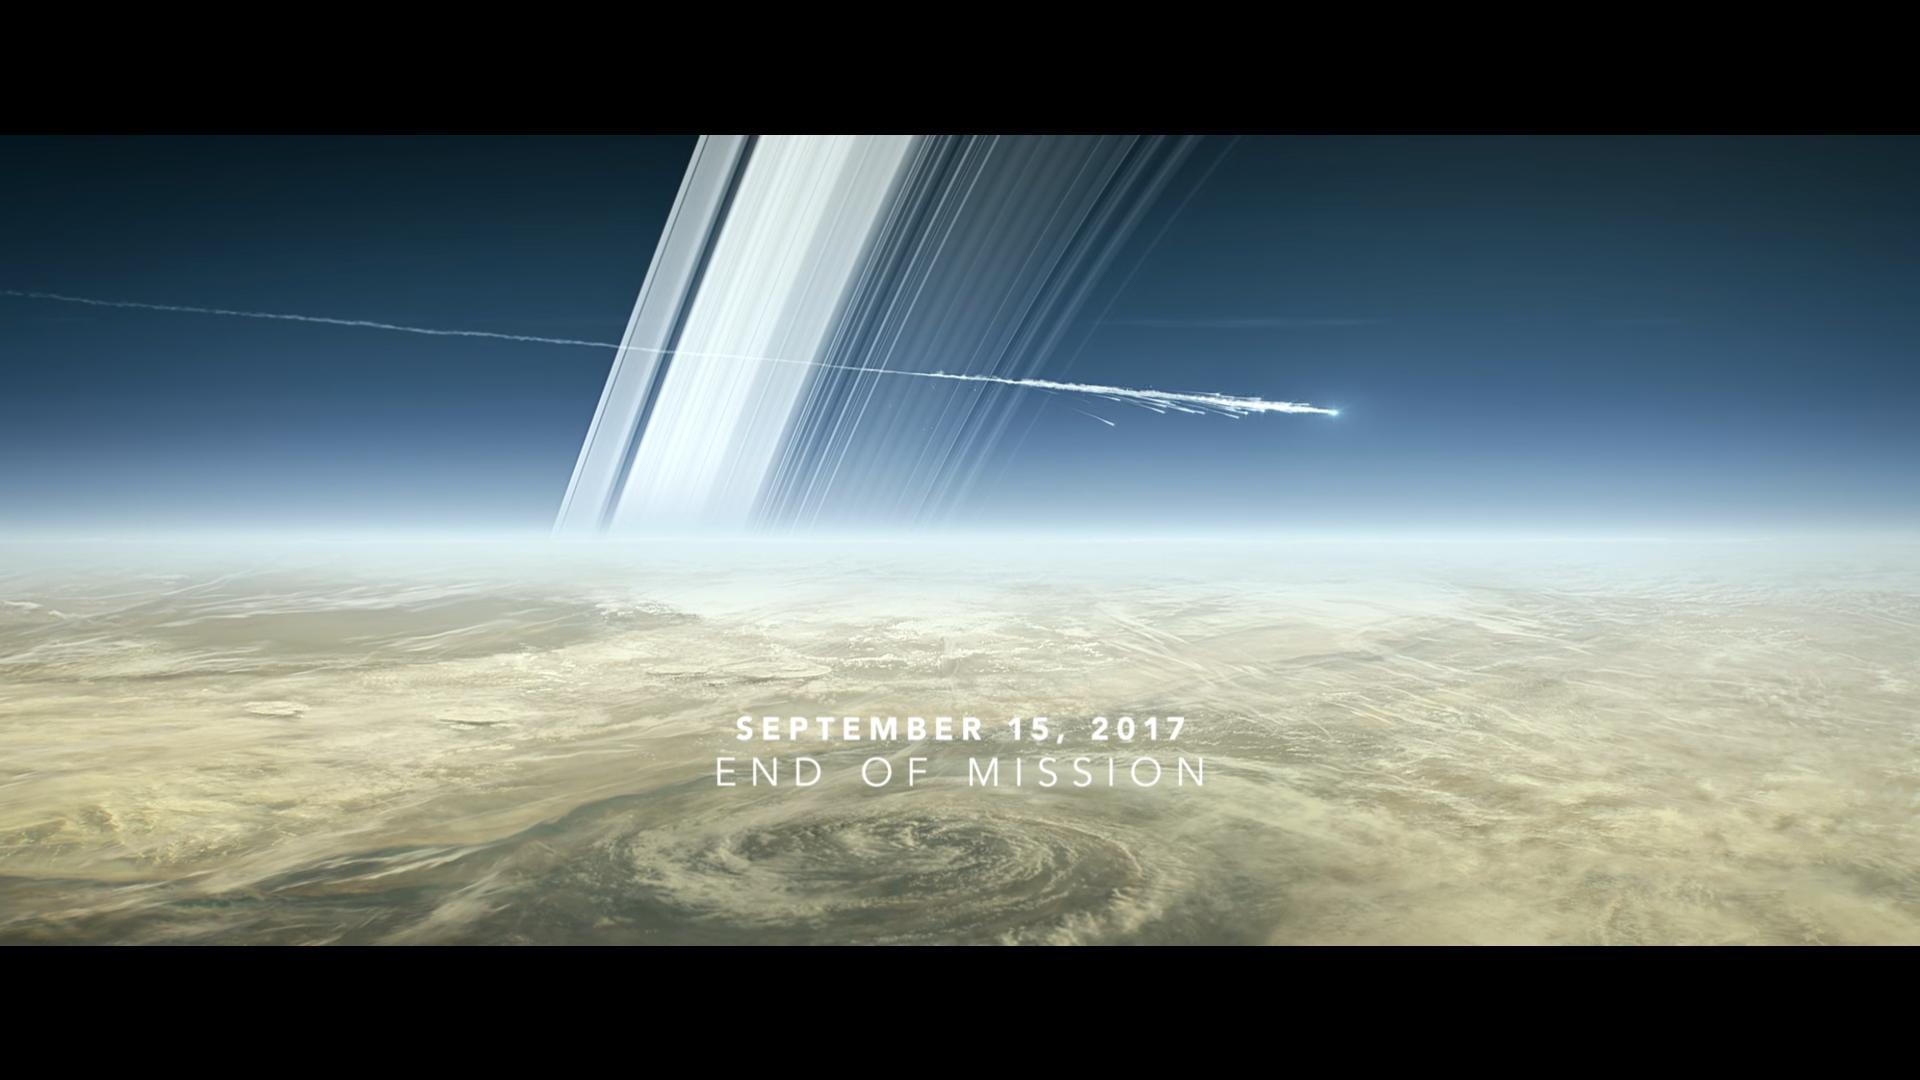 Slik kan det se ut når Cassini går ned i Saturns atmosfære for å brenne opp 15. september 2017. Grafikk: NASA/JPL/E. Wernquist